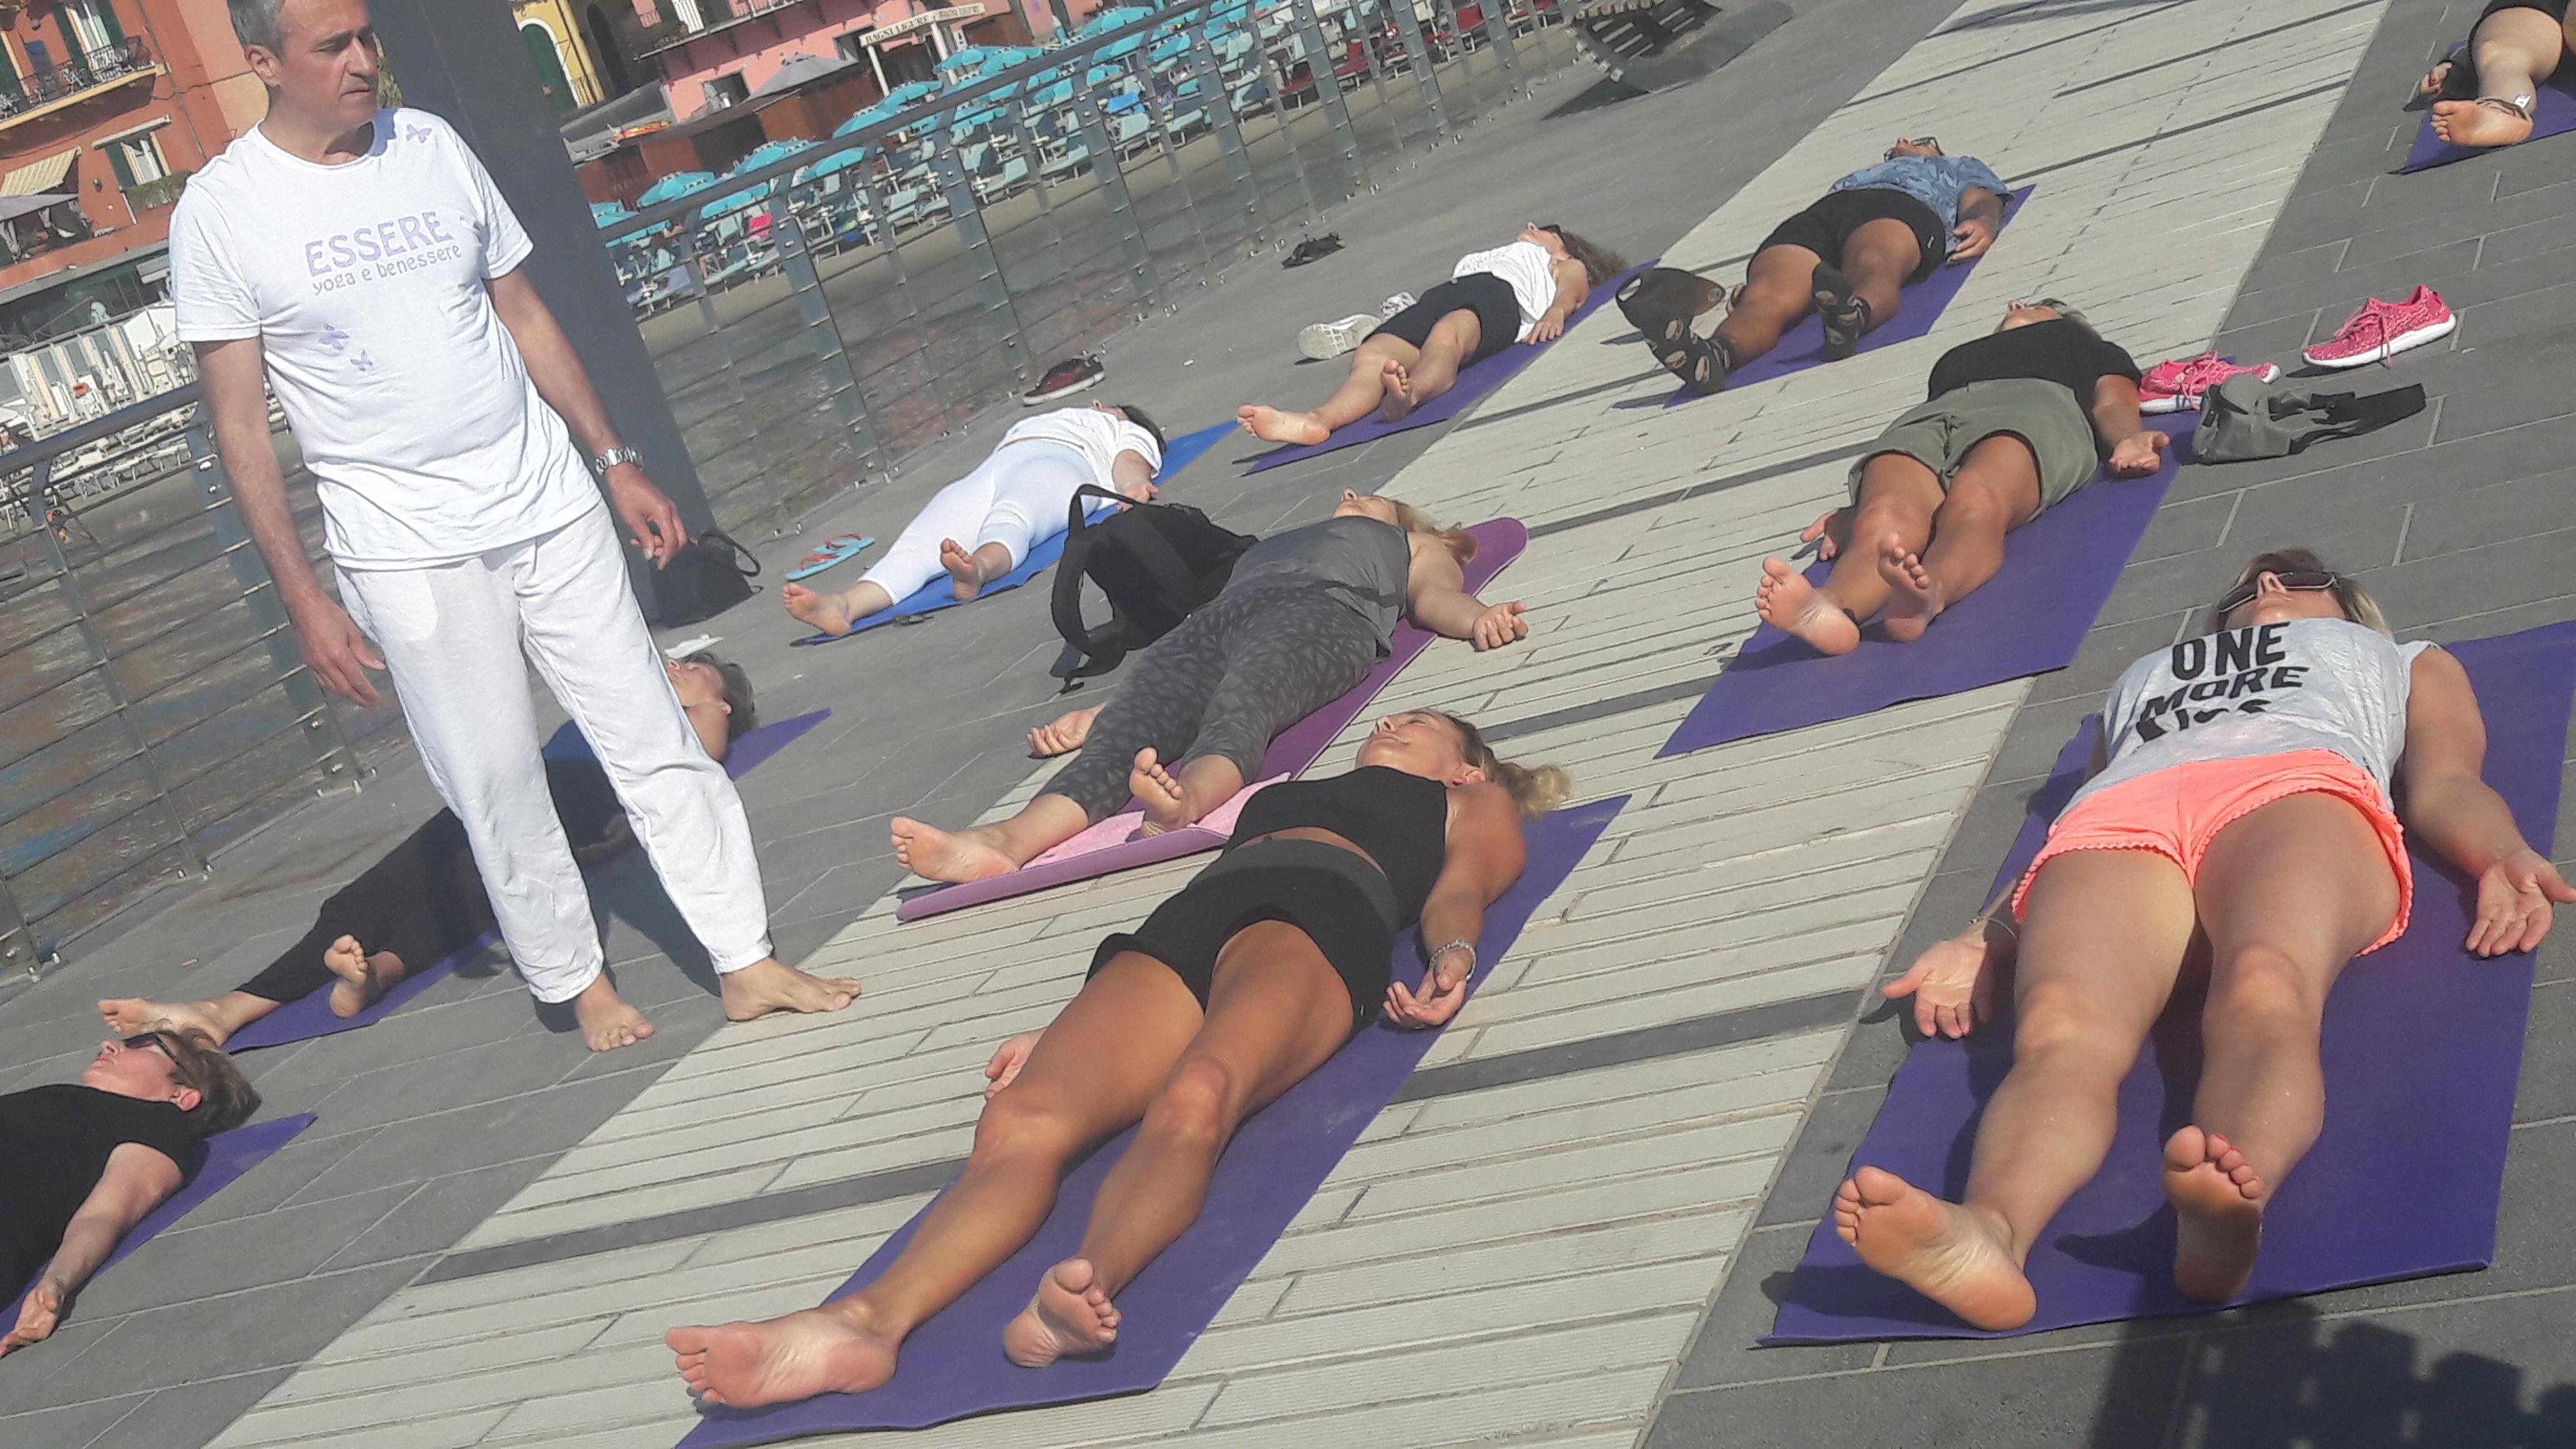 1_essere-free-yoga-gratuito-benessere-per-tutti-village-citta-alassio-estate-lucia-ragazzi-summer-town-wellness-005